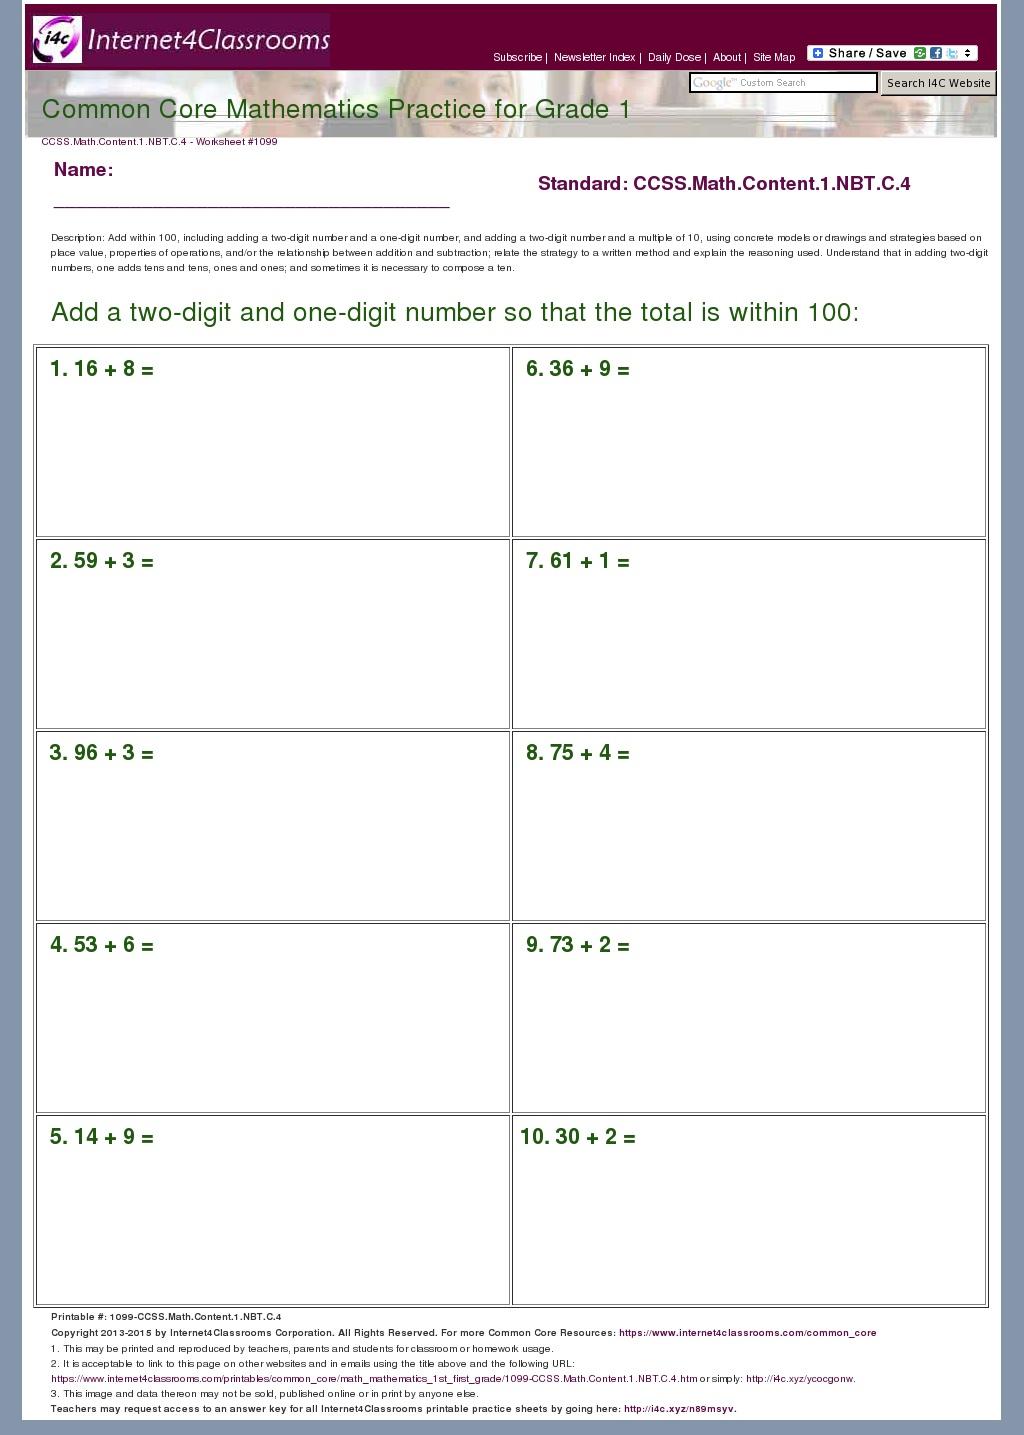 Worksheets 1099 Worksheet collection of 1099 worksheet sharebrowse rupsucks printables worksheets